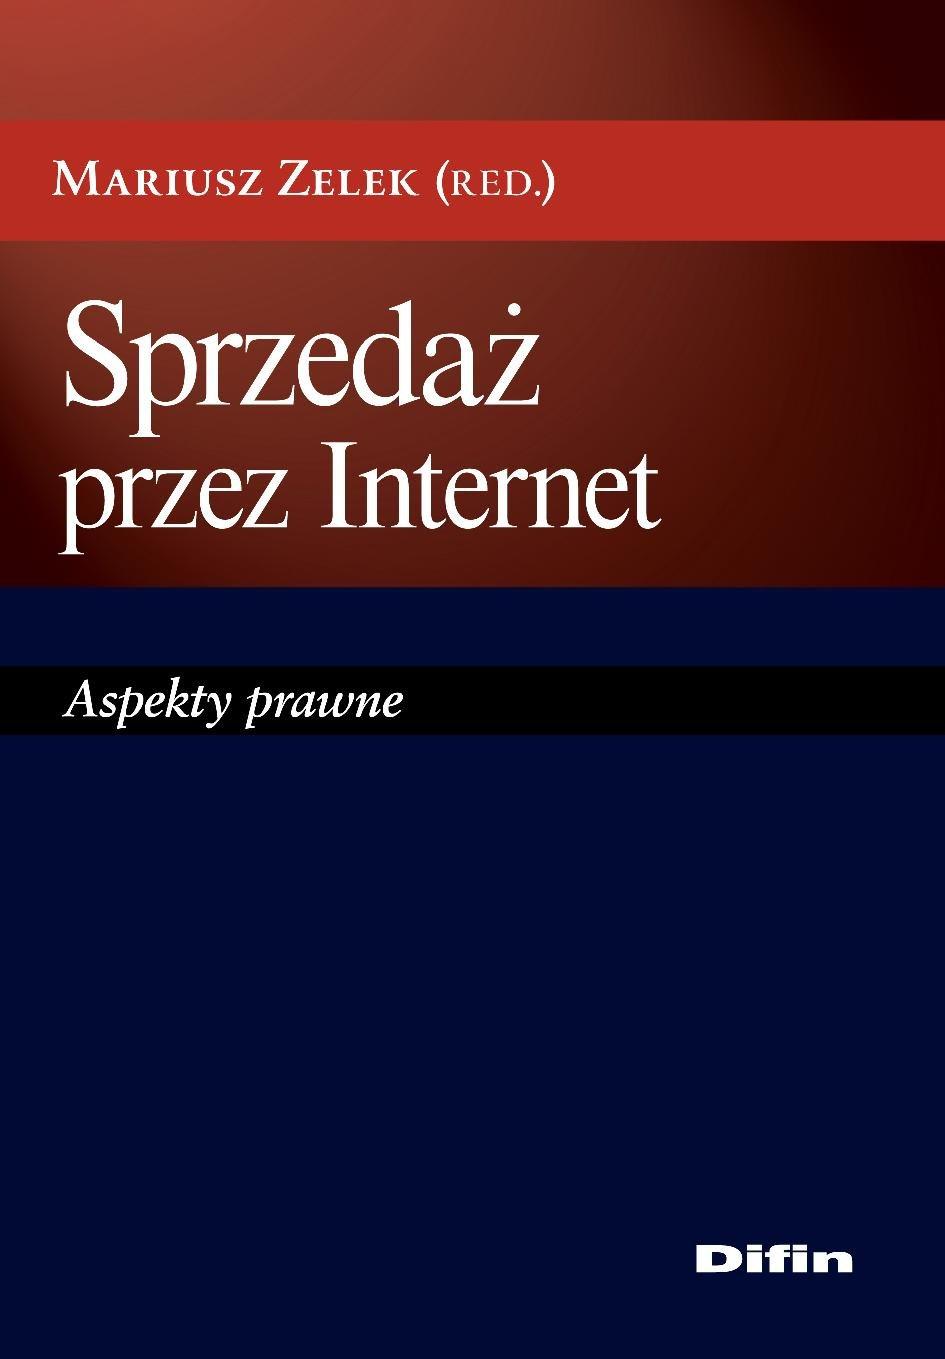 Sprzedaż przez Internet. Aspekty prawne - Ebook (Książka PDF) do pobrania w formacie PDF